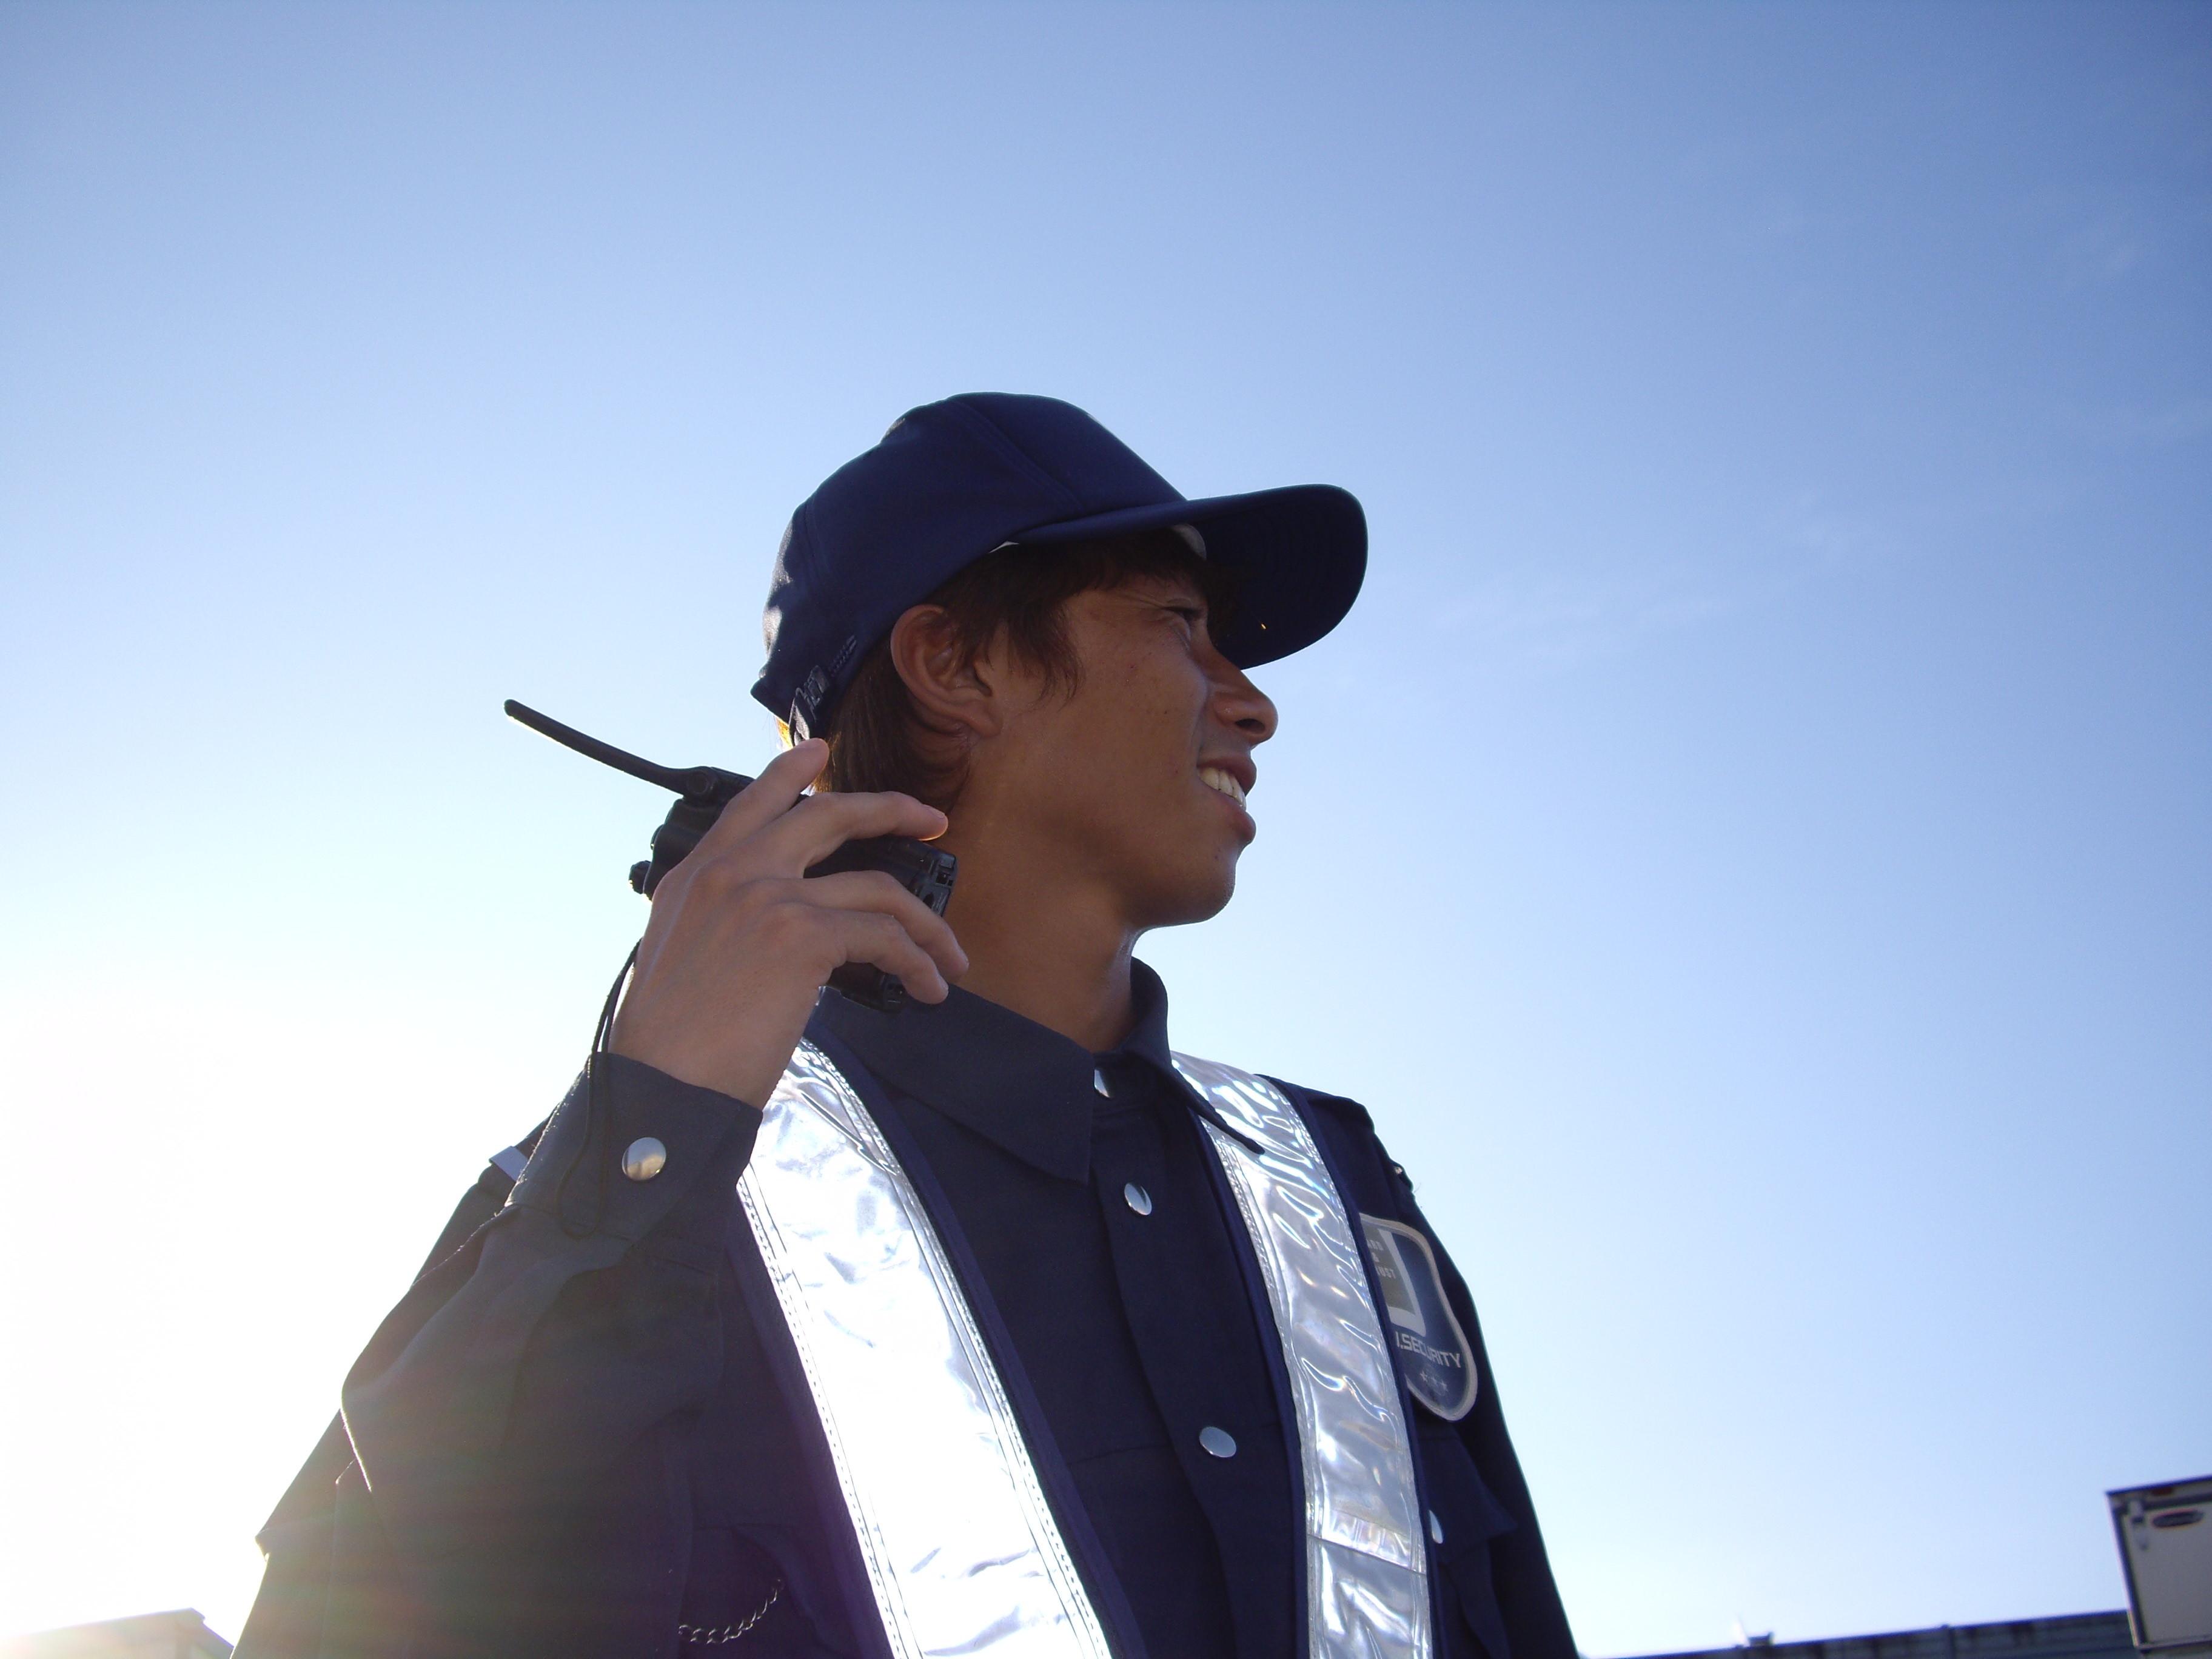 交通誘導スタッフ 北蒲原郡聖籠町エリア 株式会社J.SECURITYのアルバイト情報